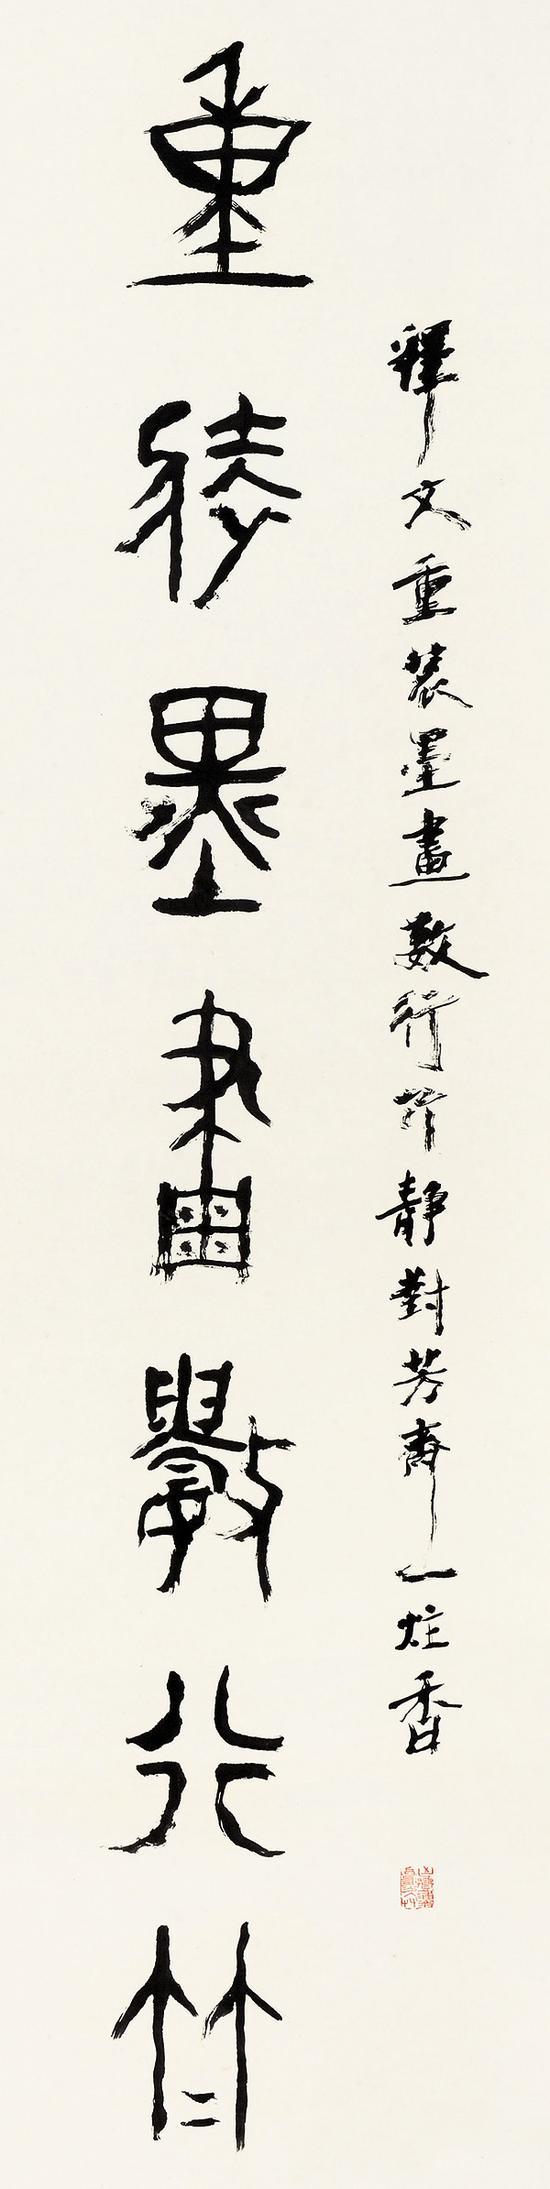 赵冷月篆书 《重装静对七言联(上)》